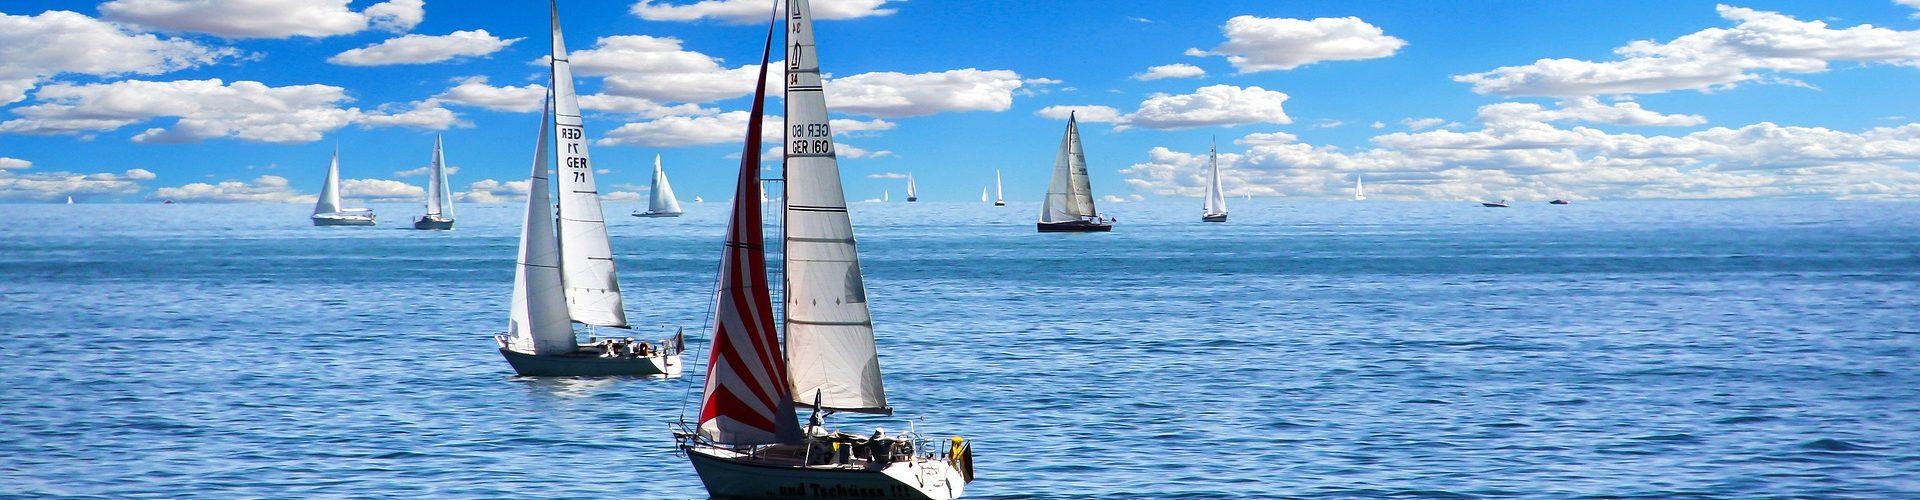 segeln lernen in Großenbrode segelschein machen in Großenbrode 1920x500 - Segeln lernen in Großenbrode